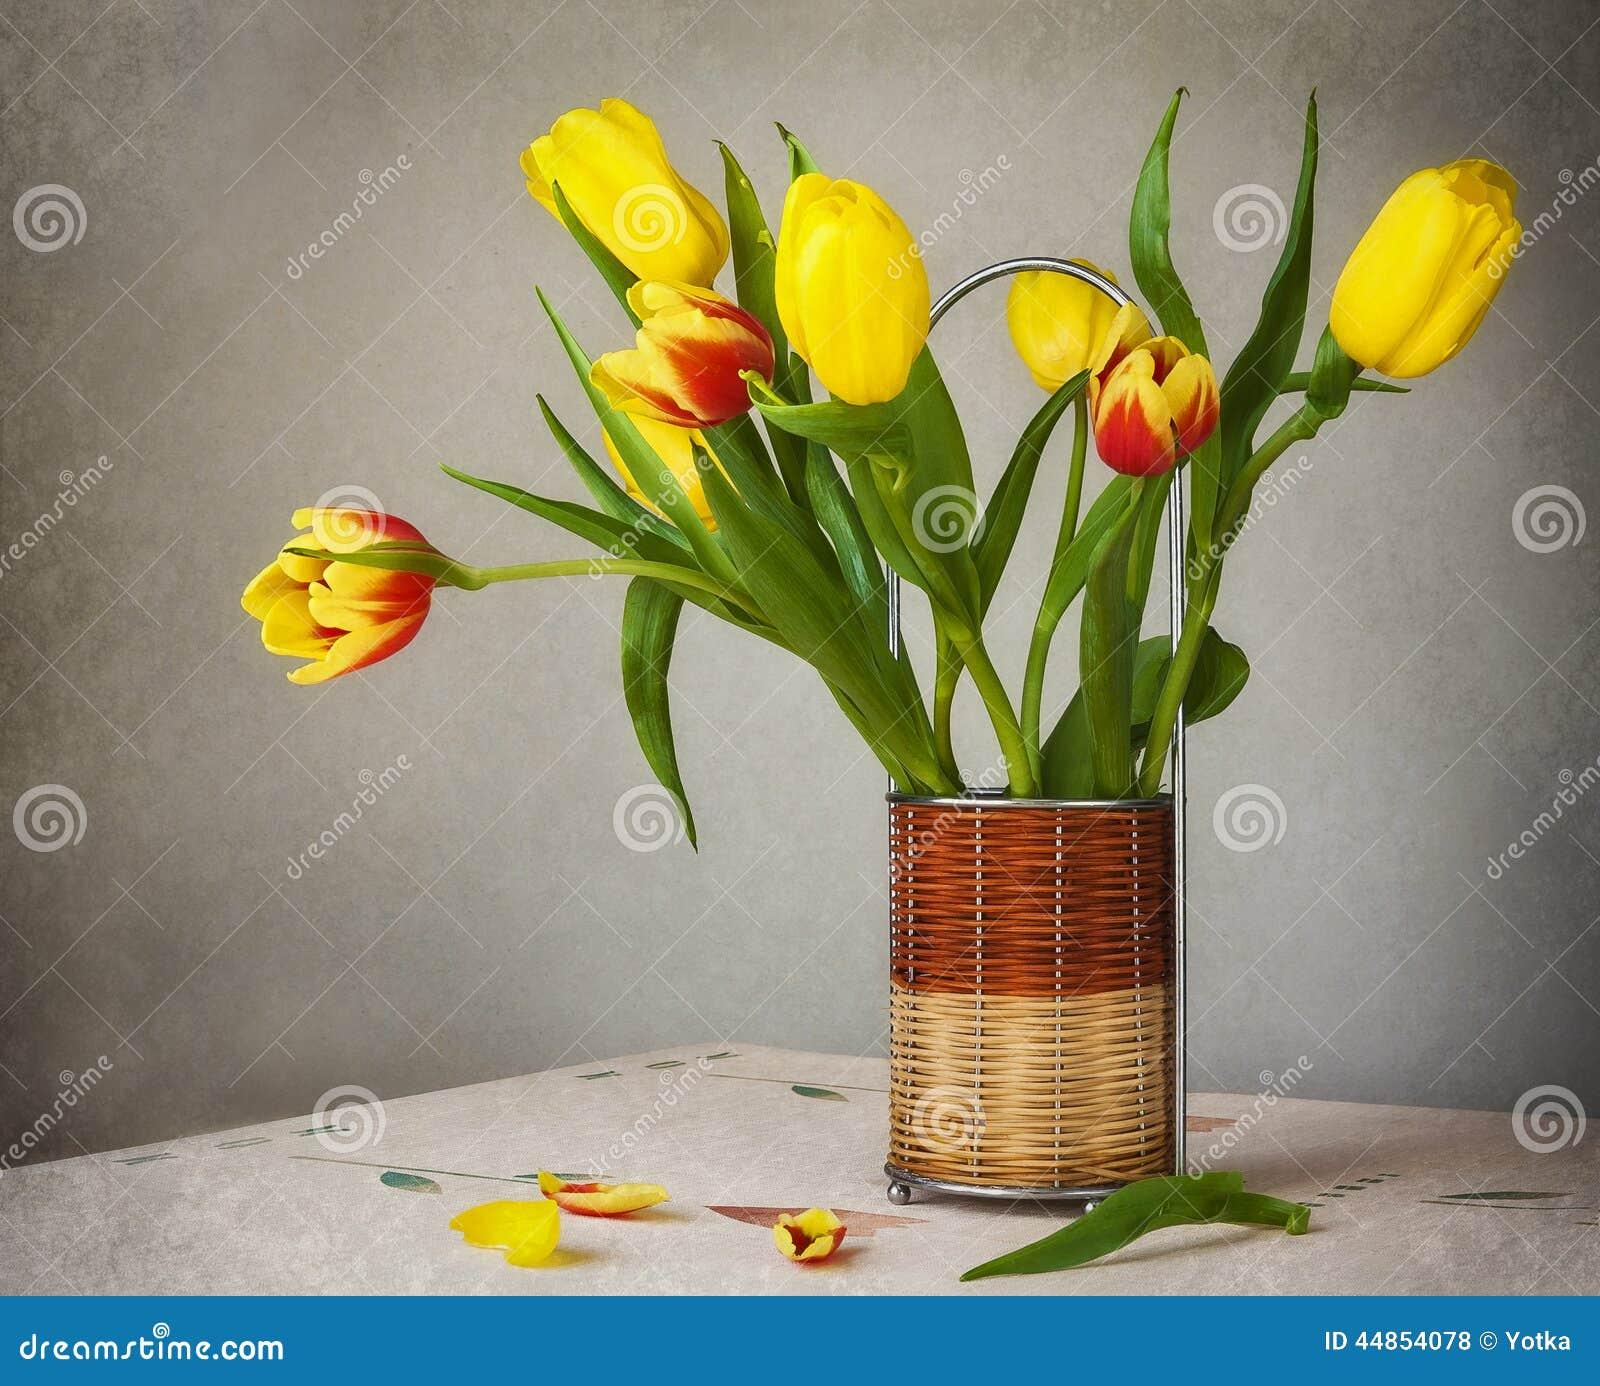 Todavía tulipanes del amarillo del ramo de la vida